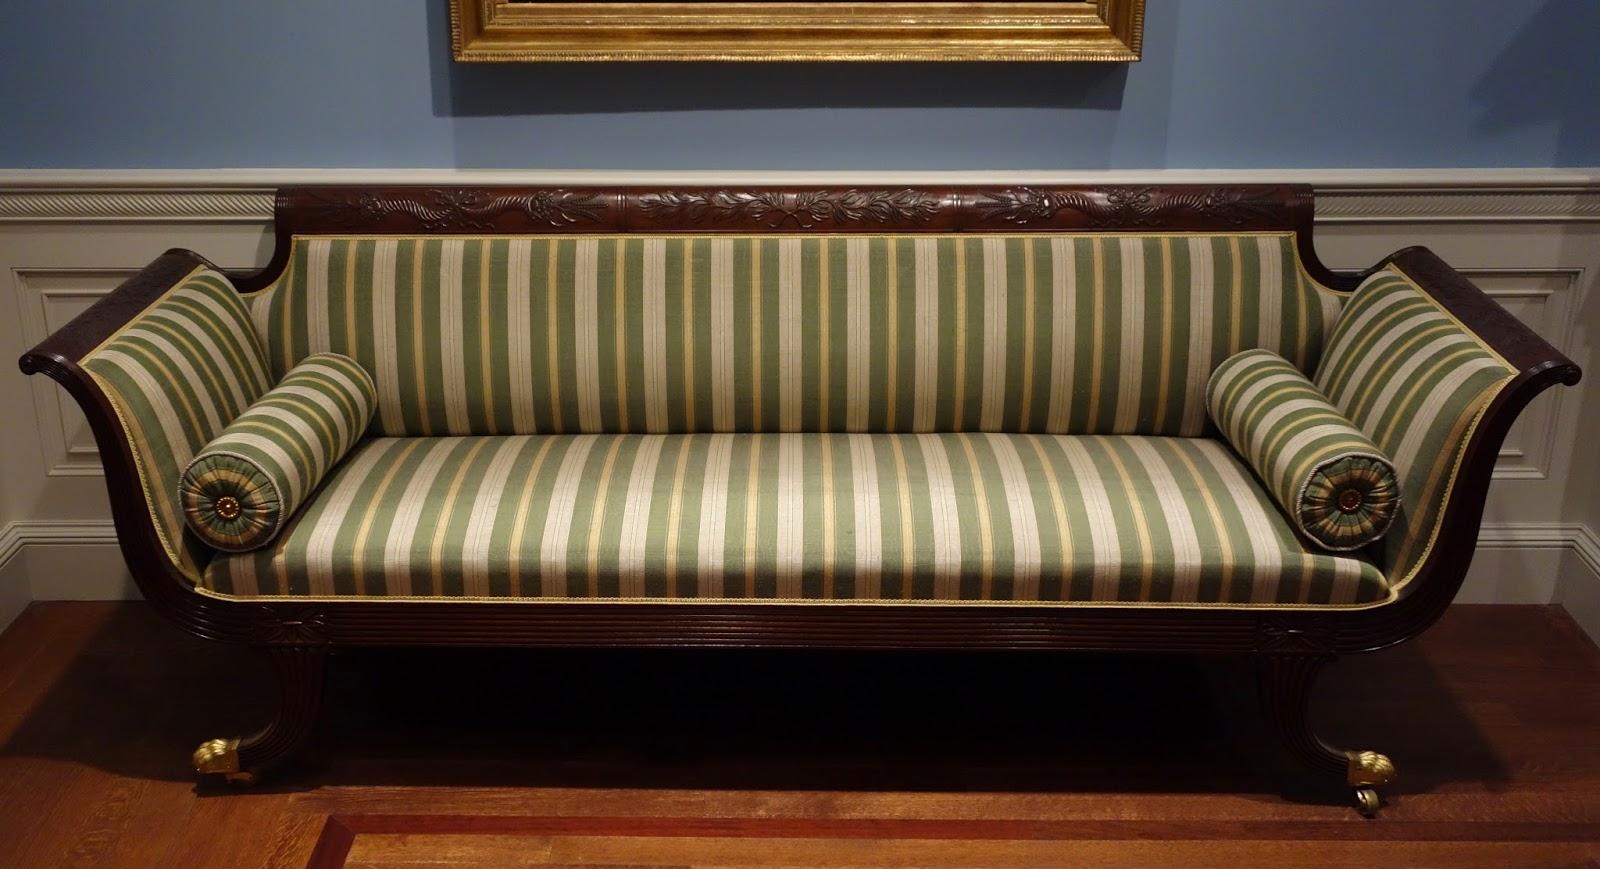 Desain Unique Sofa Living Room Kumpulan Desain Minimalis Interior